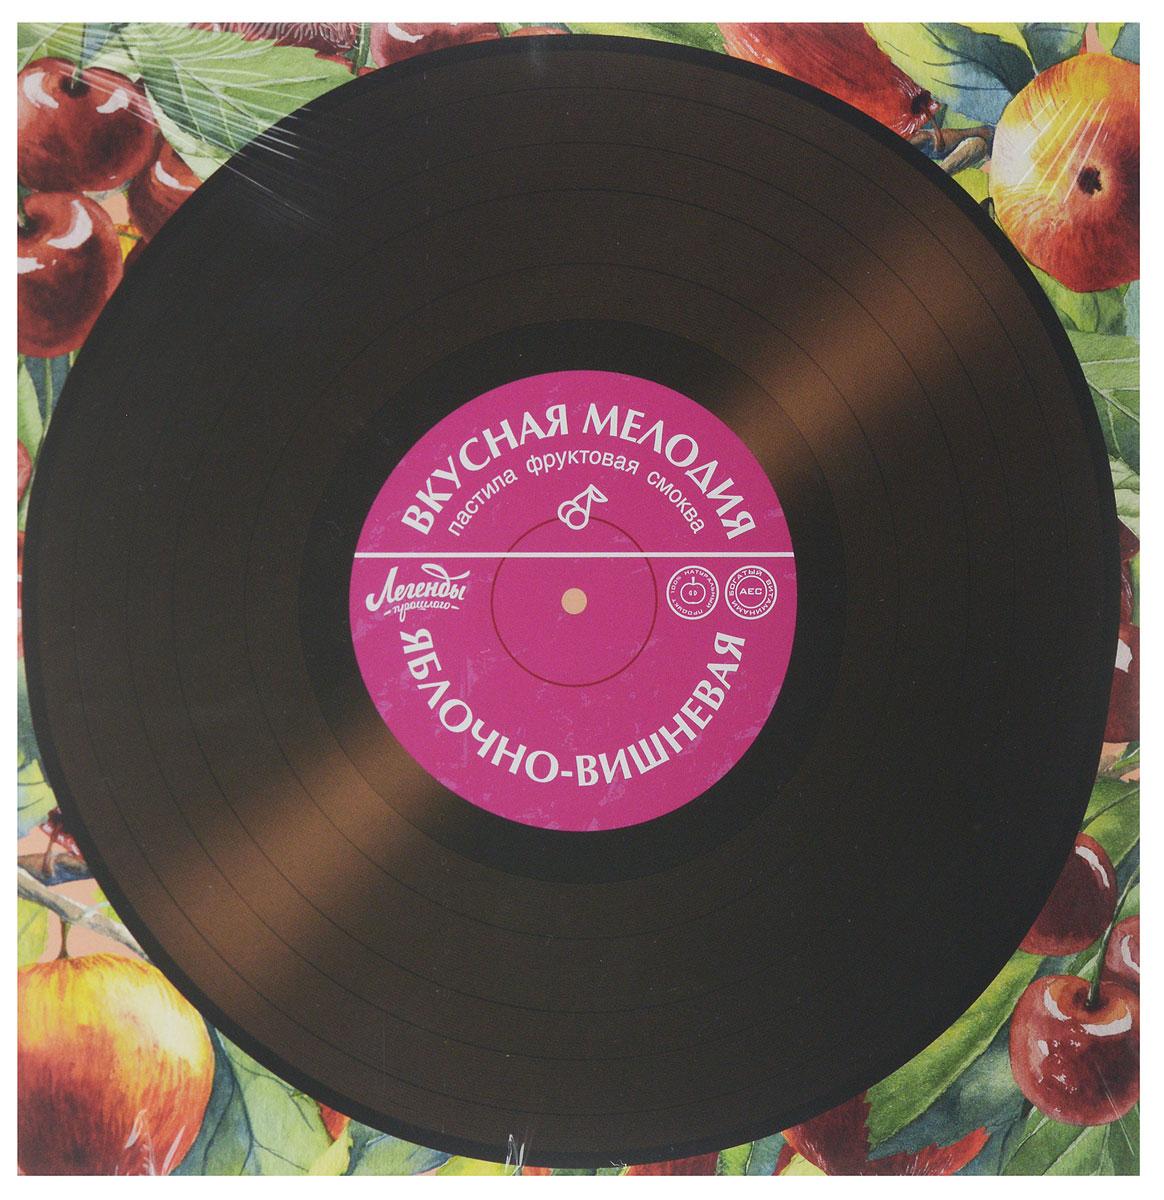 Вкусная помощь Пастила Вкусная мелодия яблочно-вишневая, 100 г вкусная помощь молочный шоколад тишина 100 г